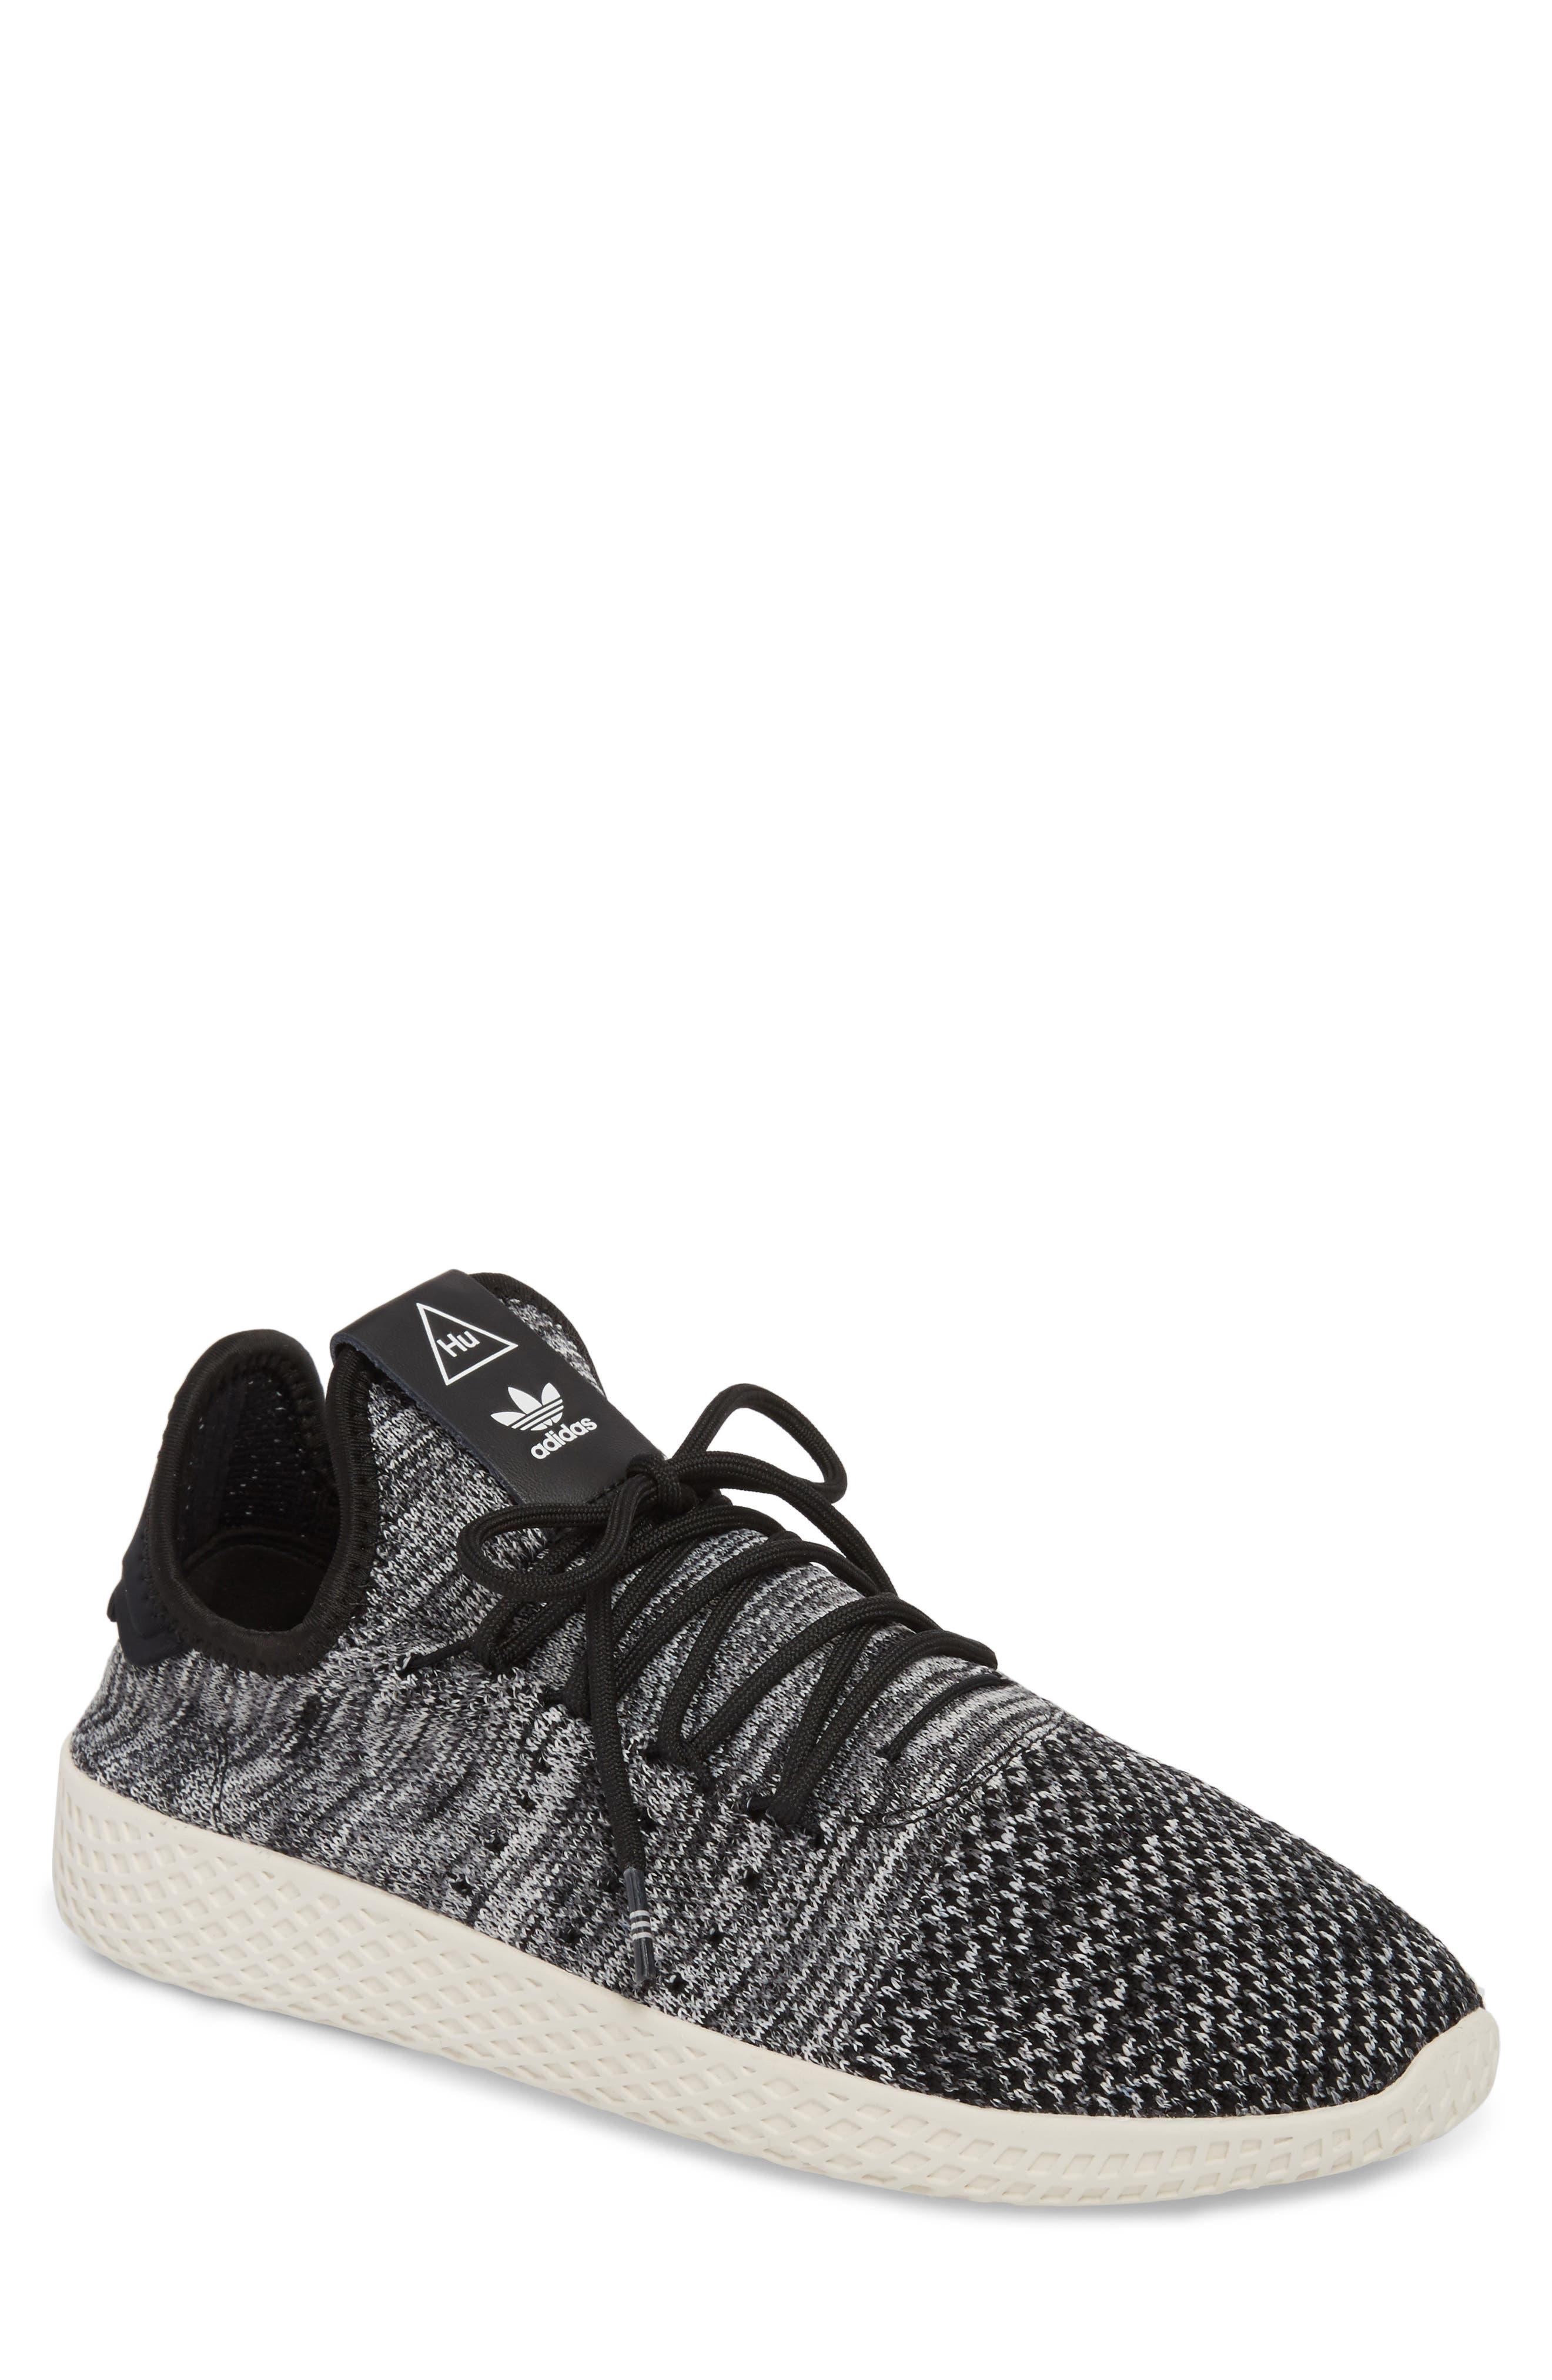 Pharrell Williams Tennis Hu Sneaker,                             Main thumbnail 1, color,                             020